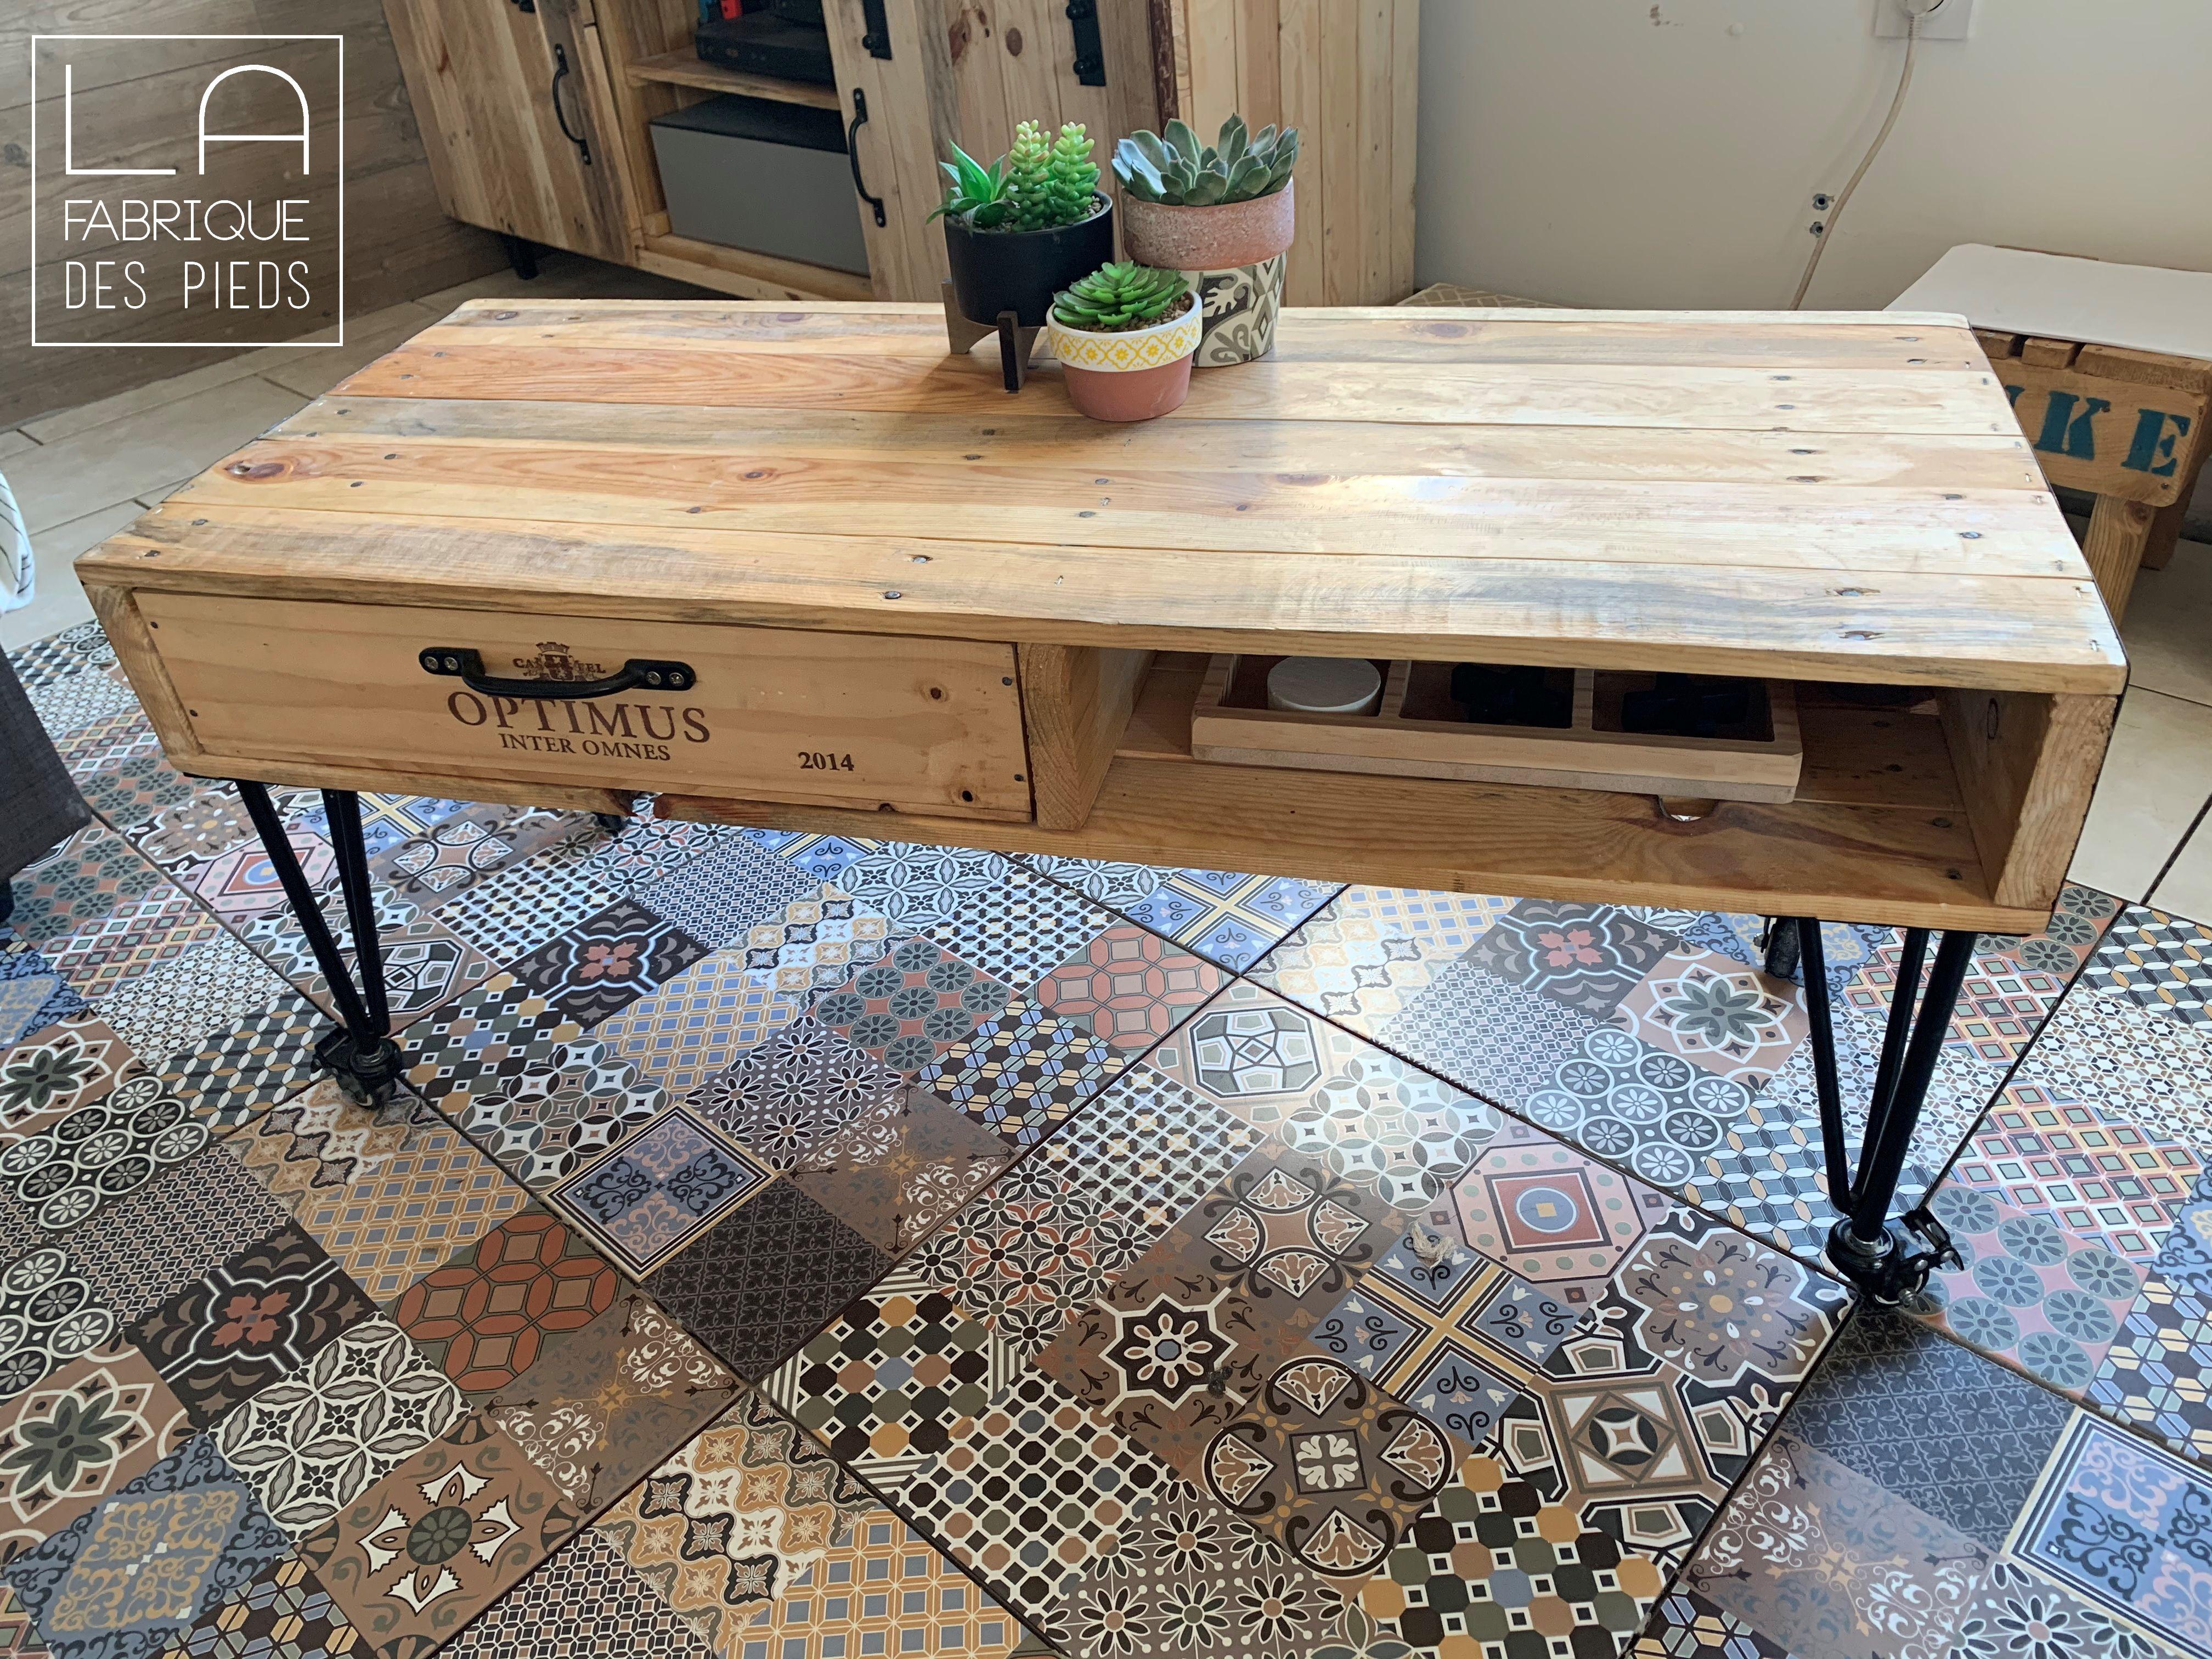 Pied De Table A Roulette 30 Cm La Fabrique Des Pieds En 2020 Table Basse Plans De Meubles Style Table Basse